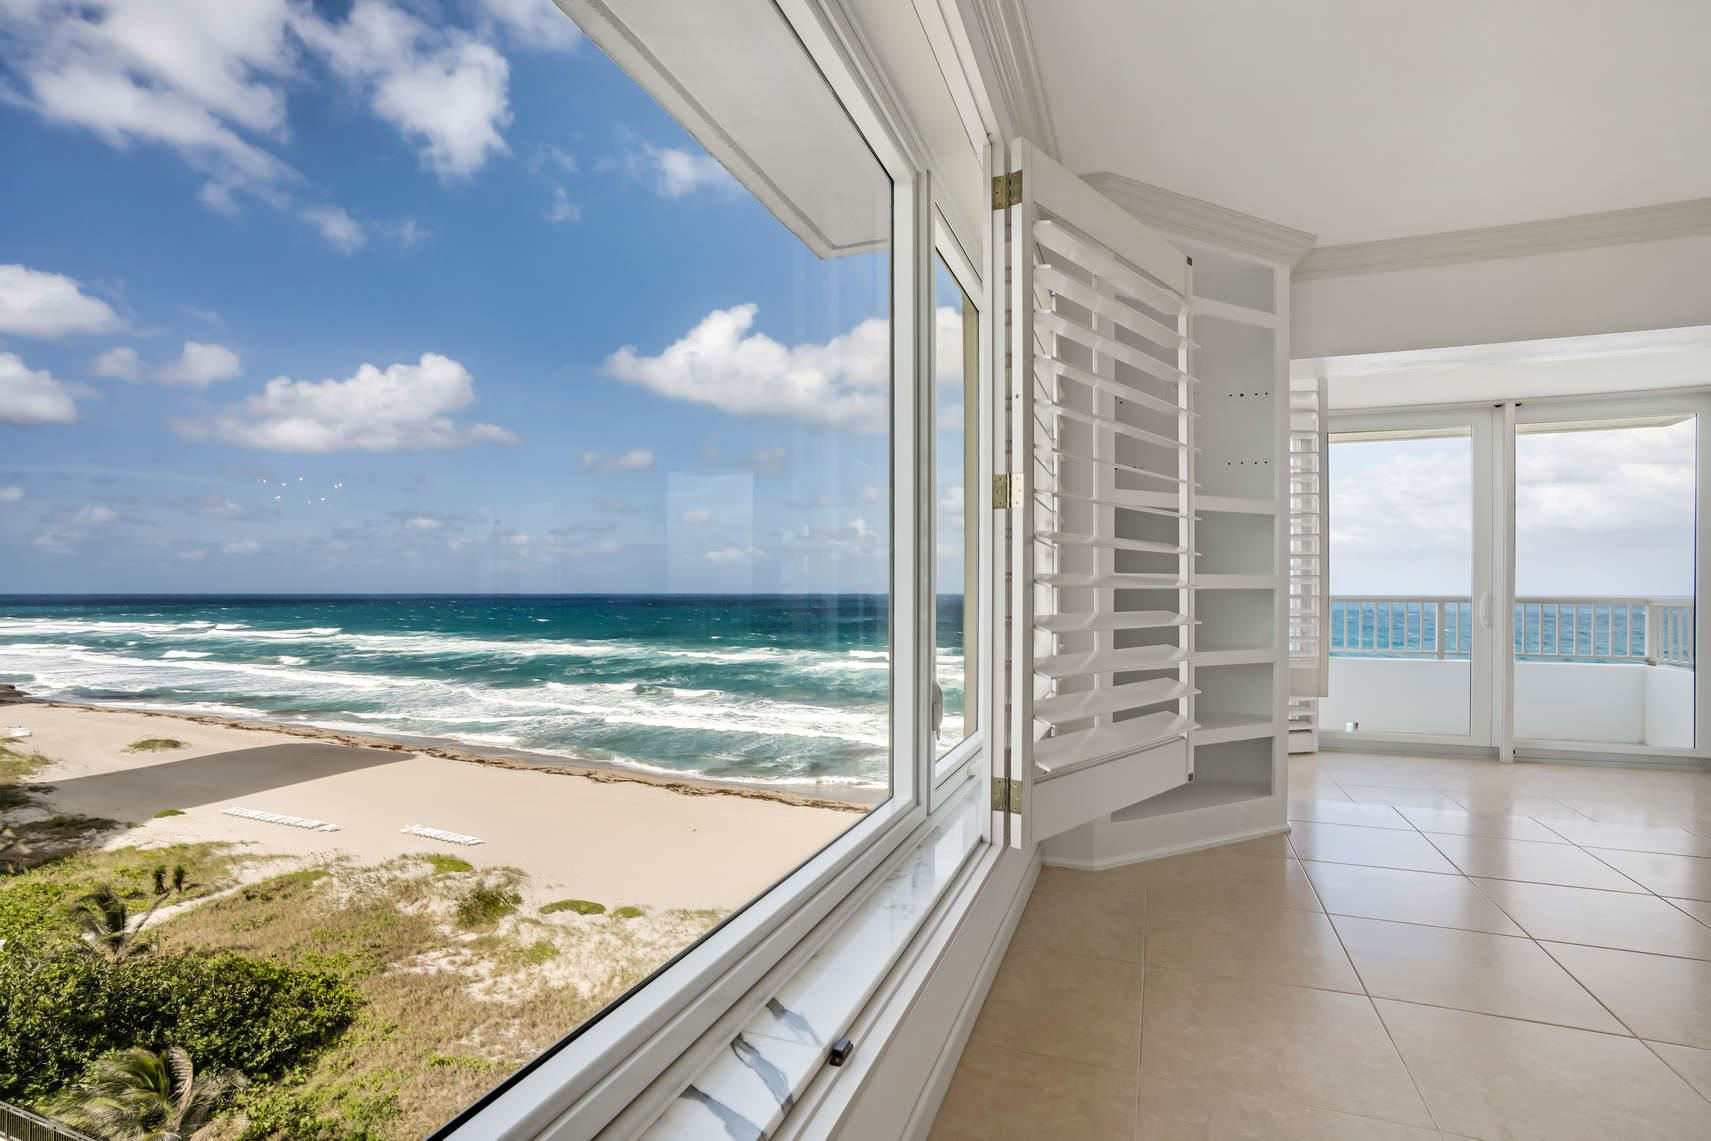 600 S Ocean Boulevard #8080, Boca Raton, FL 33432 - MLS#: RX-10718243